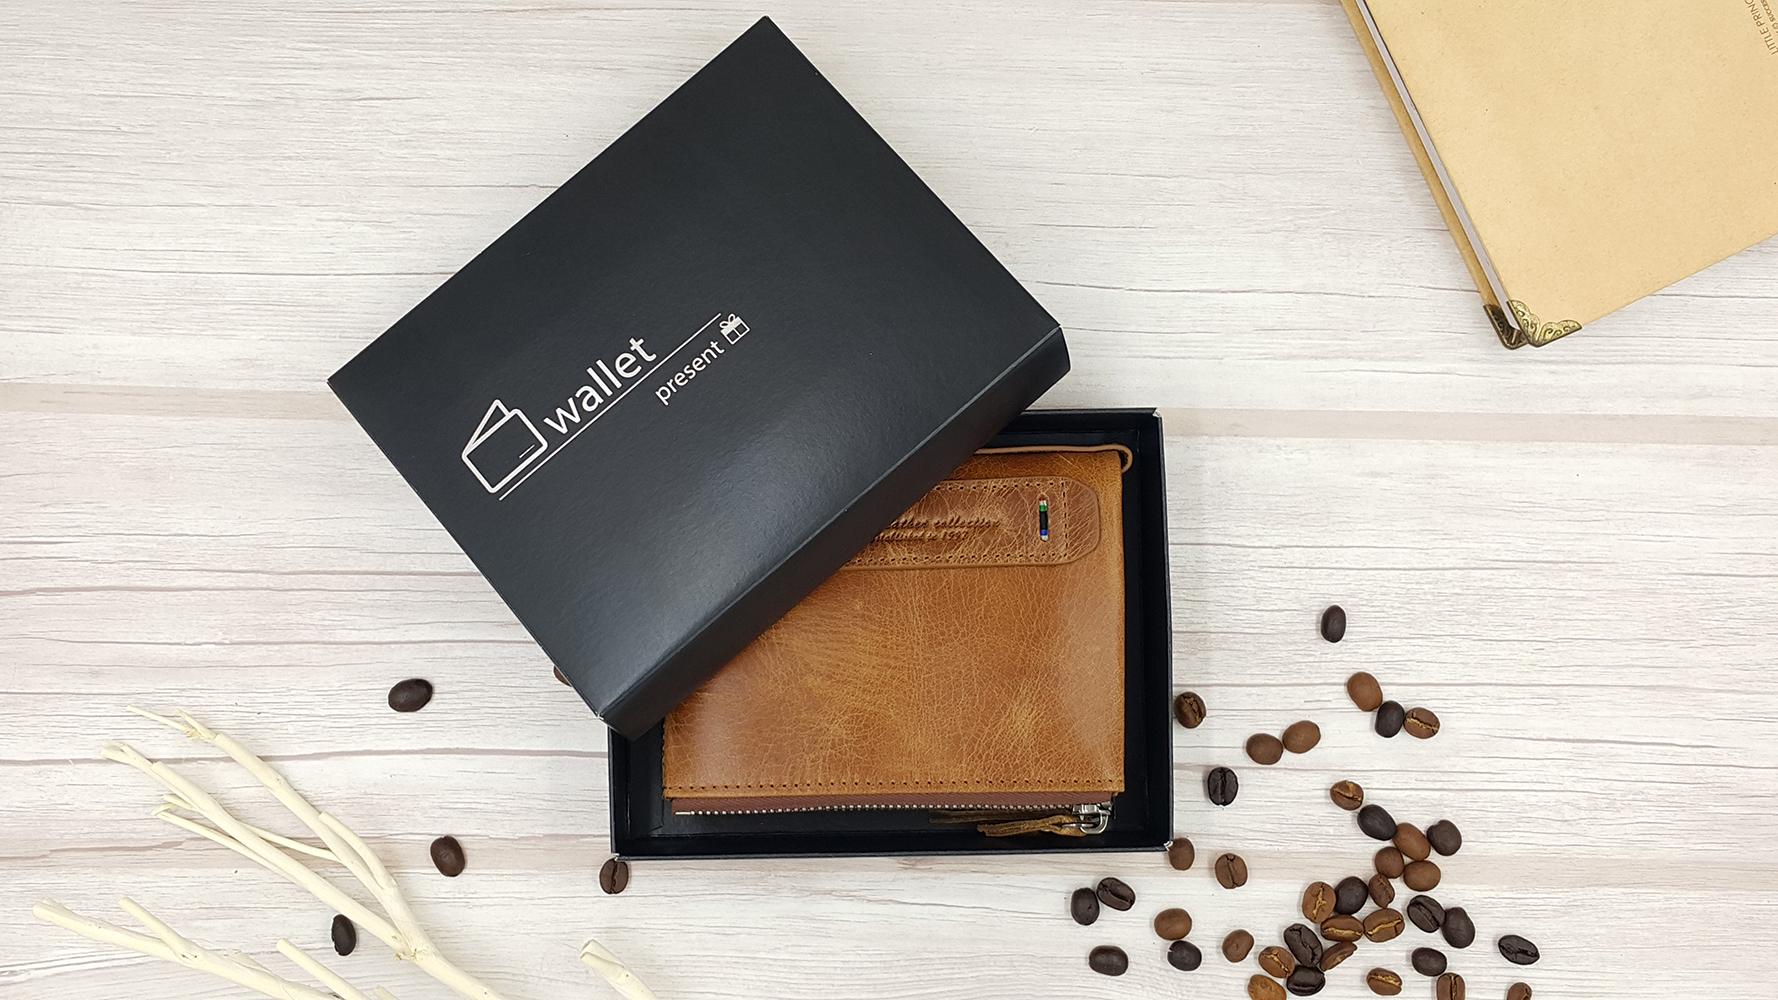 กระเป๋าสตางค์หนังแท้ หนังนิ่ม กระเป๋าสตางค์ผู้ชาย สีน้ำตาล รุ่น Contacts two Zipper Brown ส่งพร้อมกล่อง